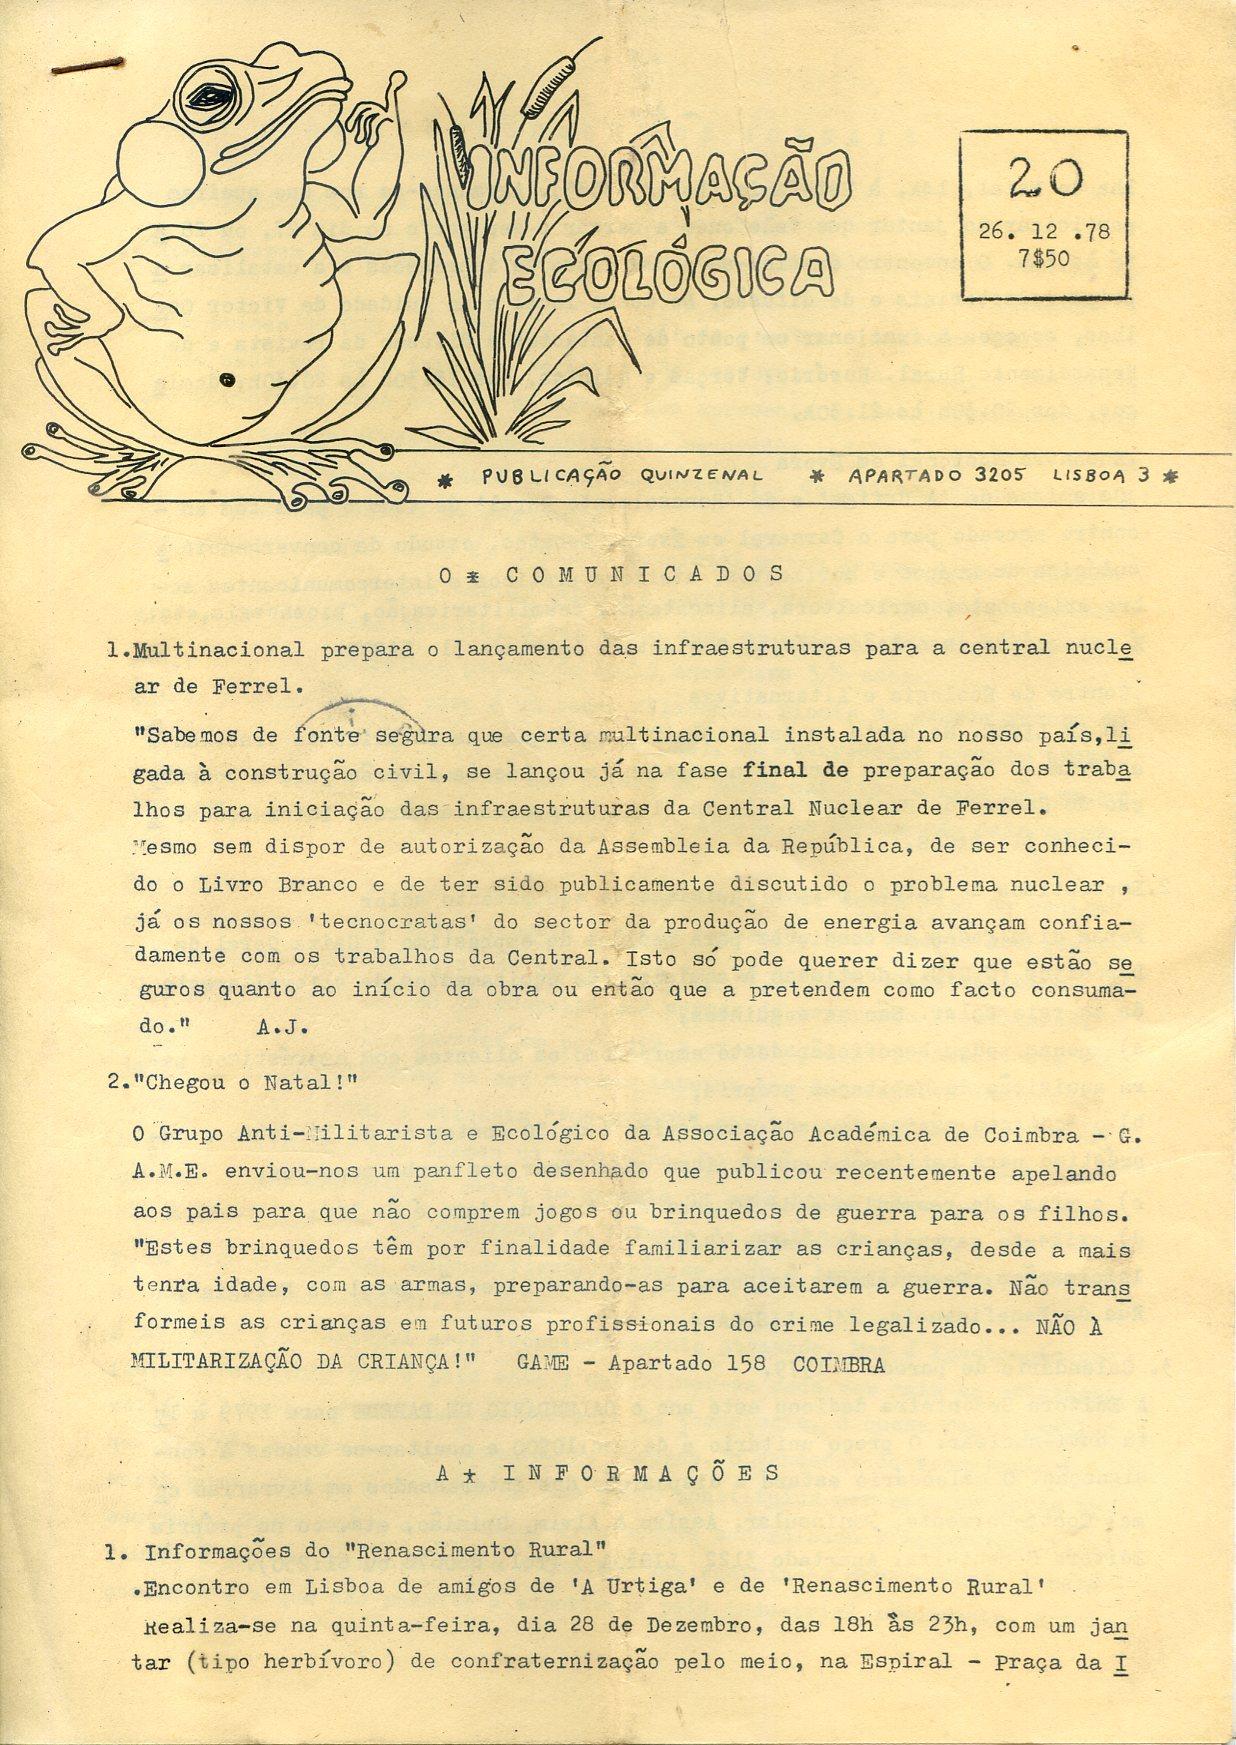 Inf Ecol.475.jpg